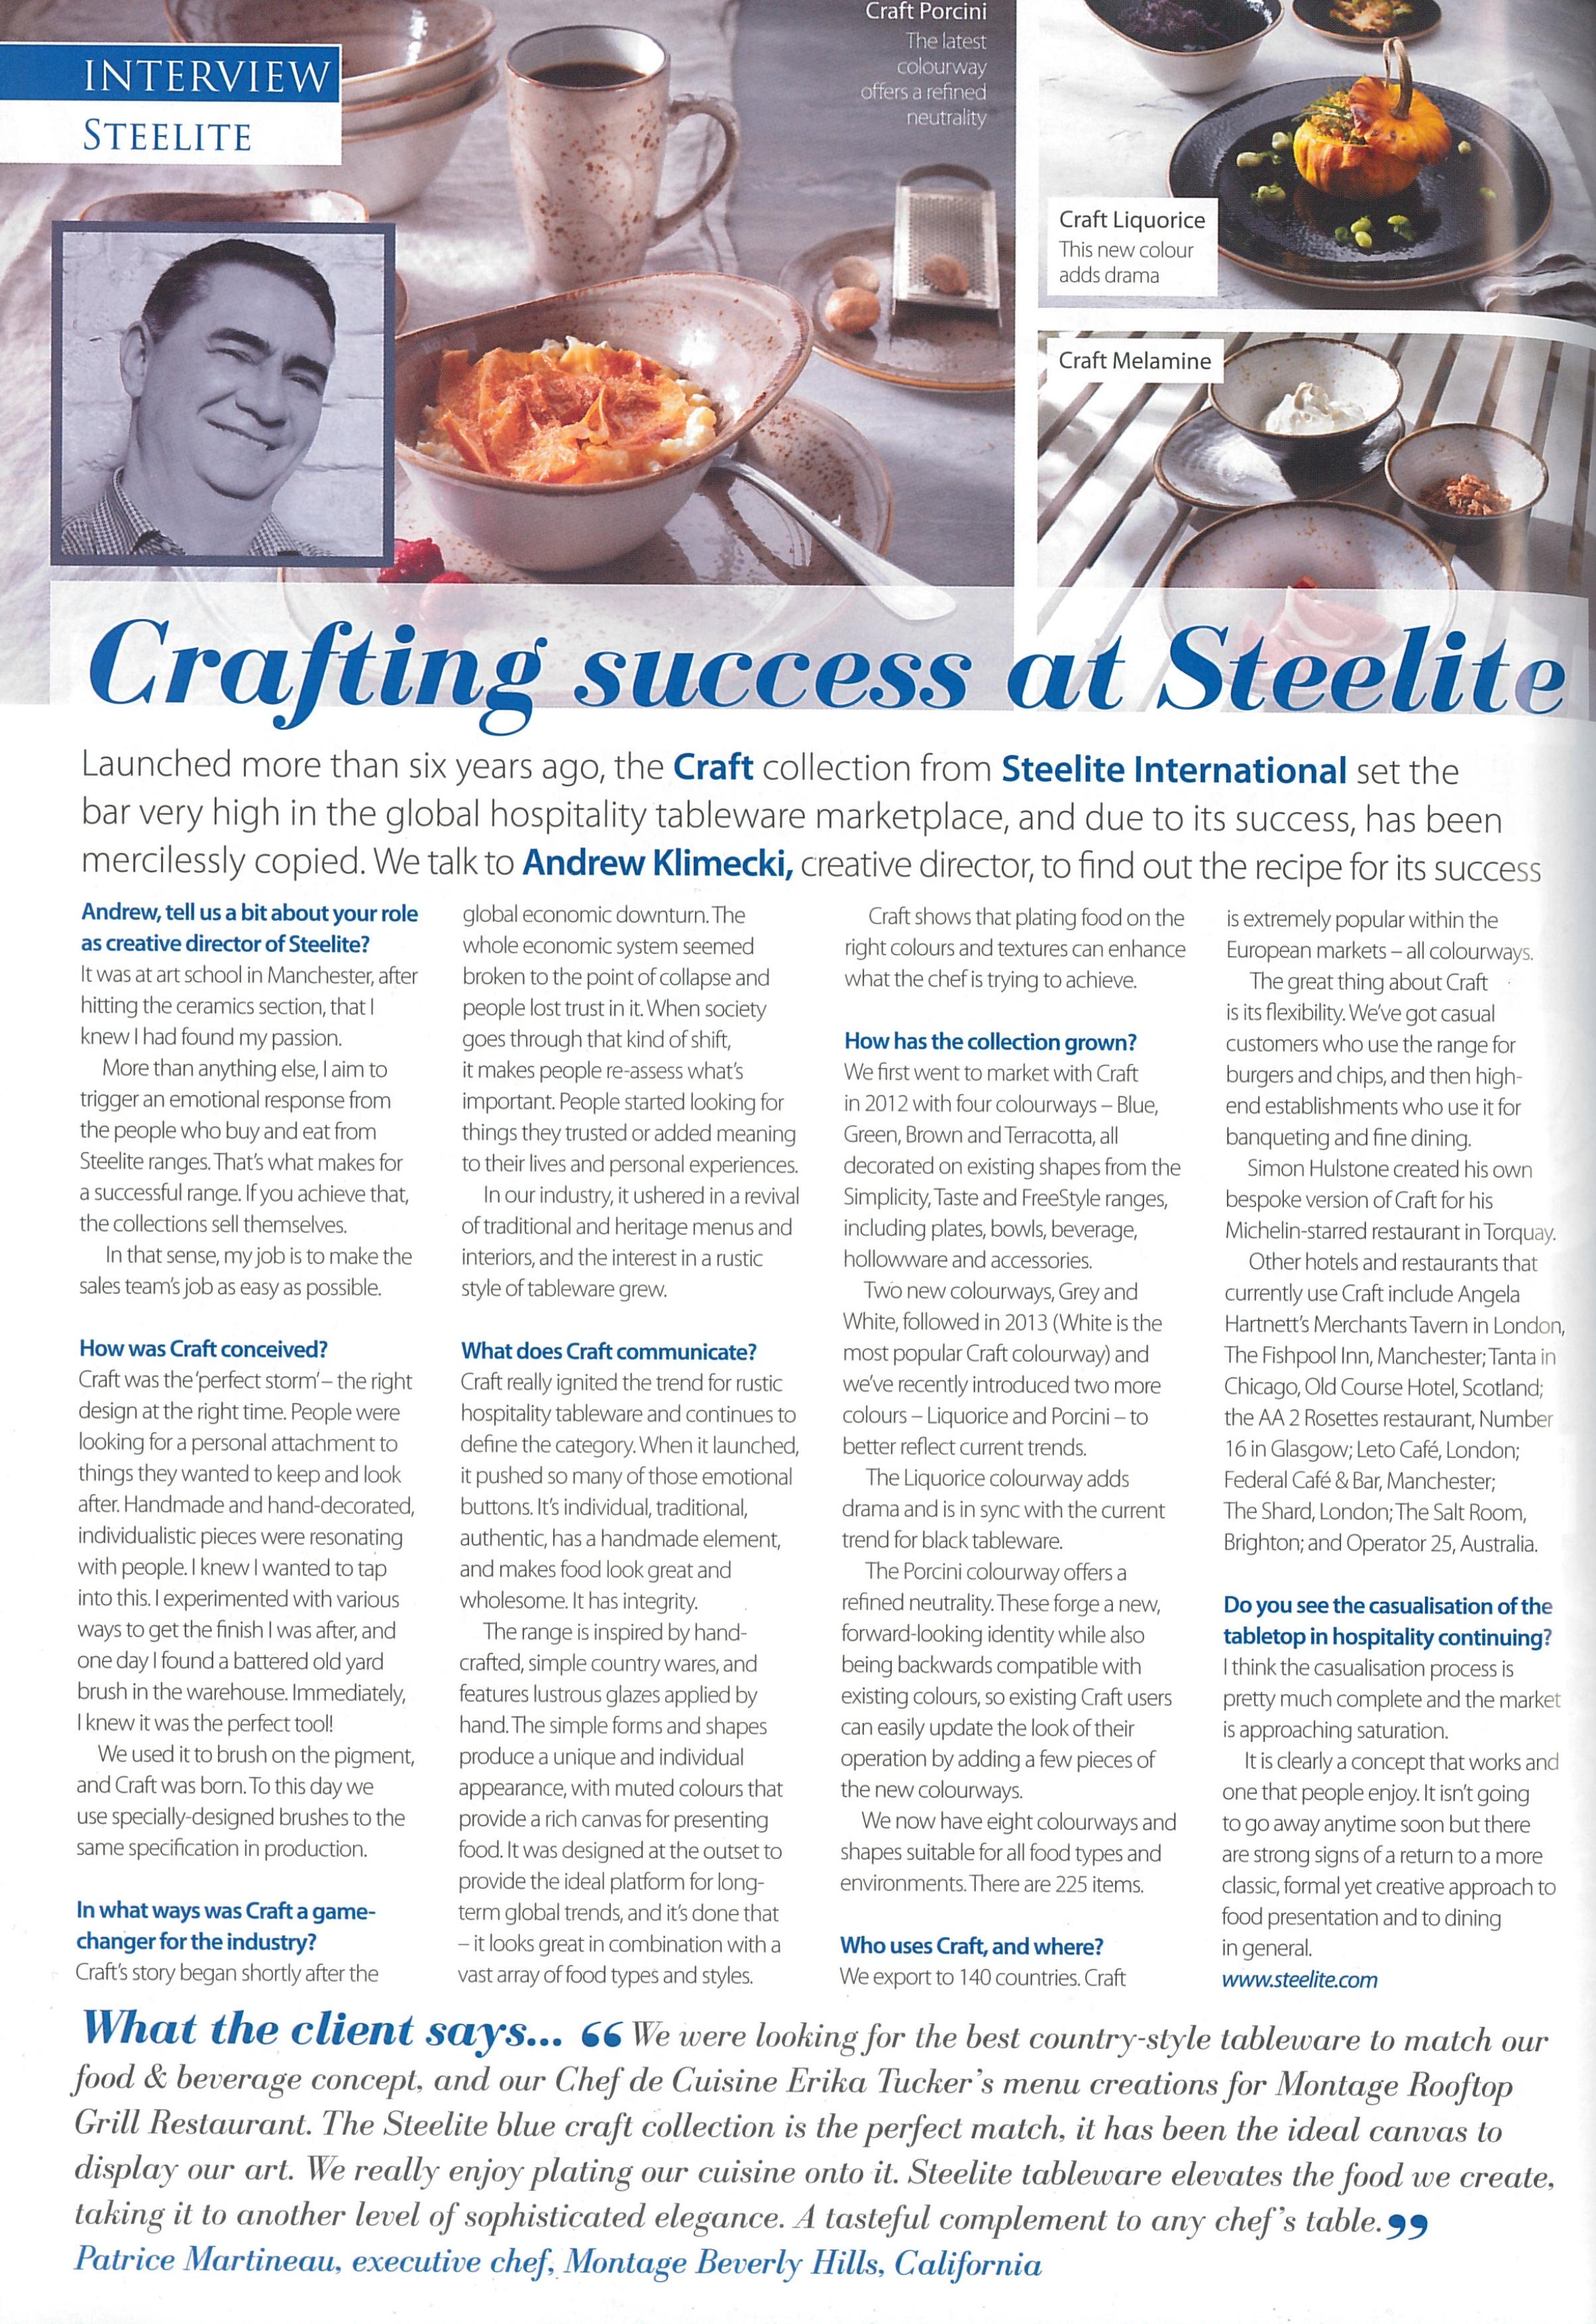 Crafting Success at Steelite